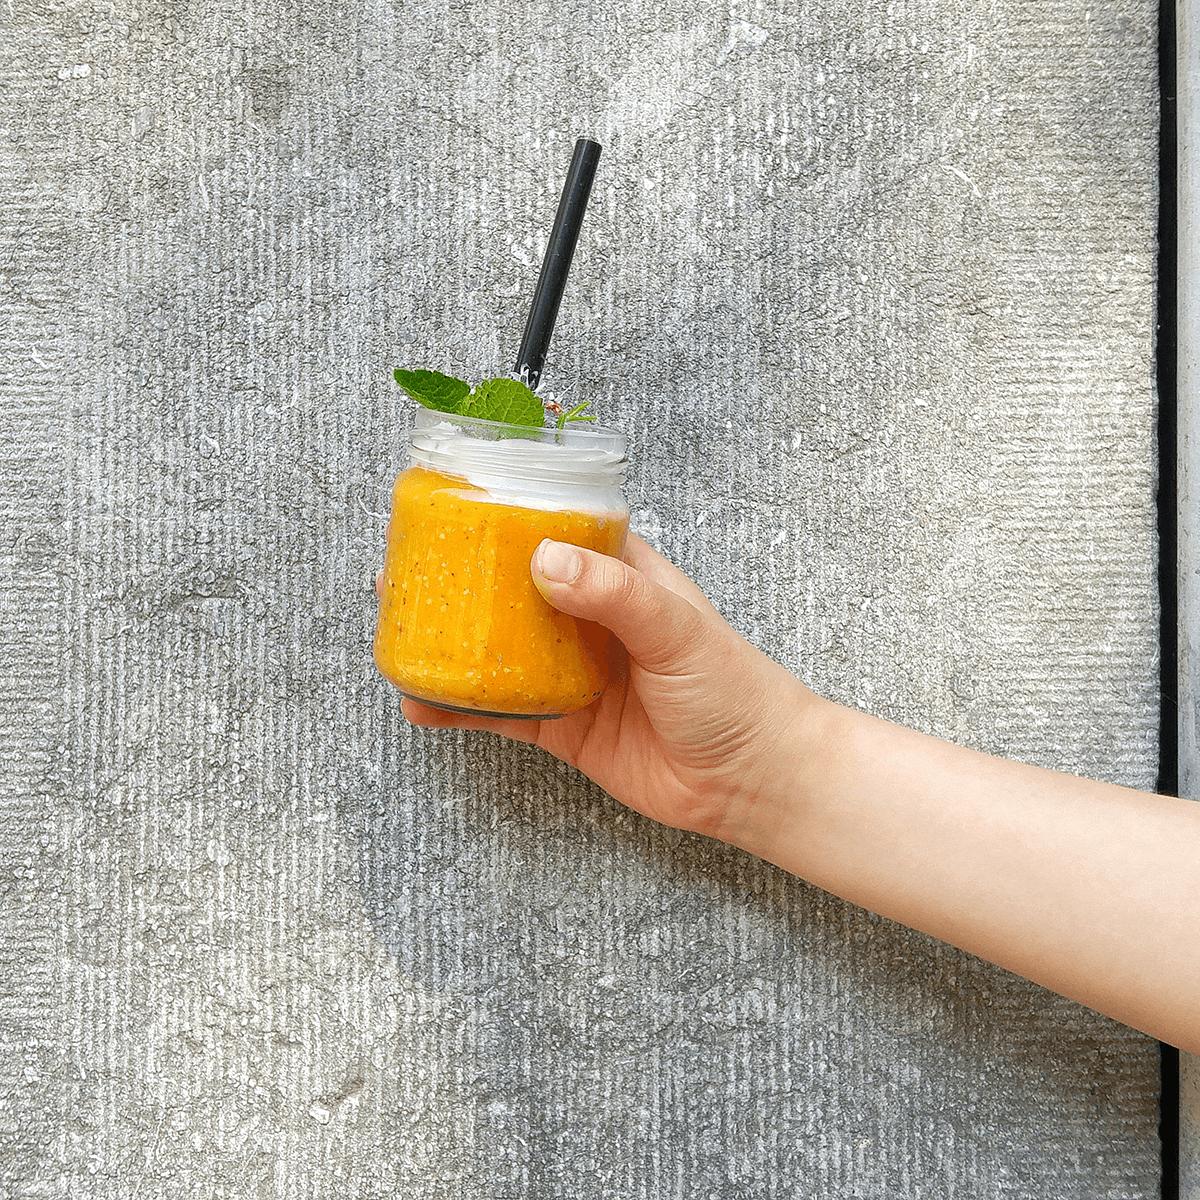 mangosoep-met-sinaasappel-kokosroom-fruitsoep-soephoofd